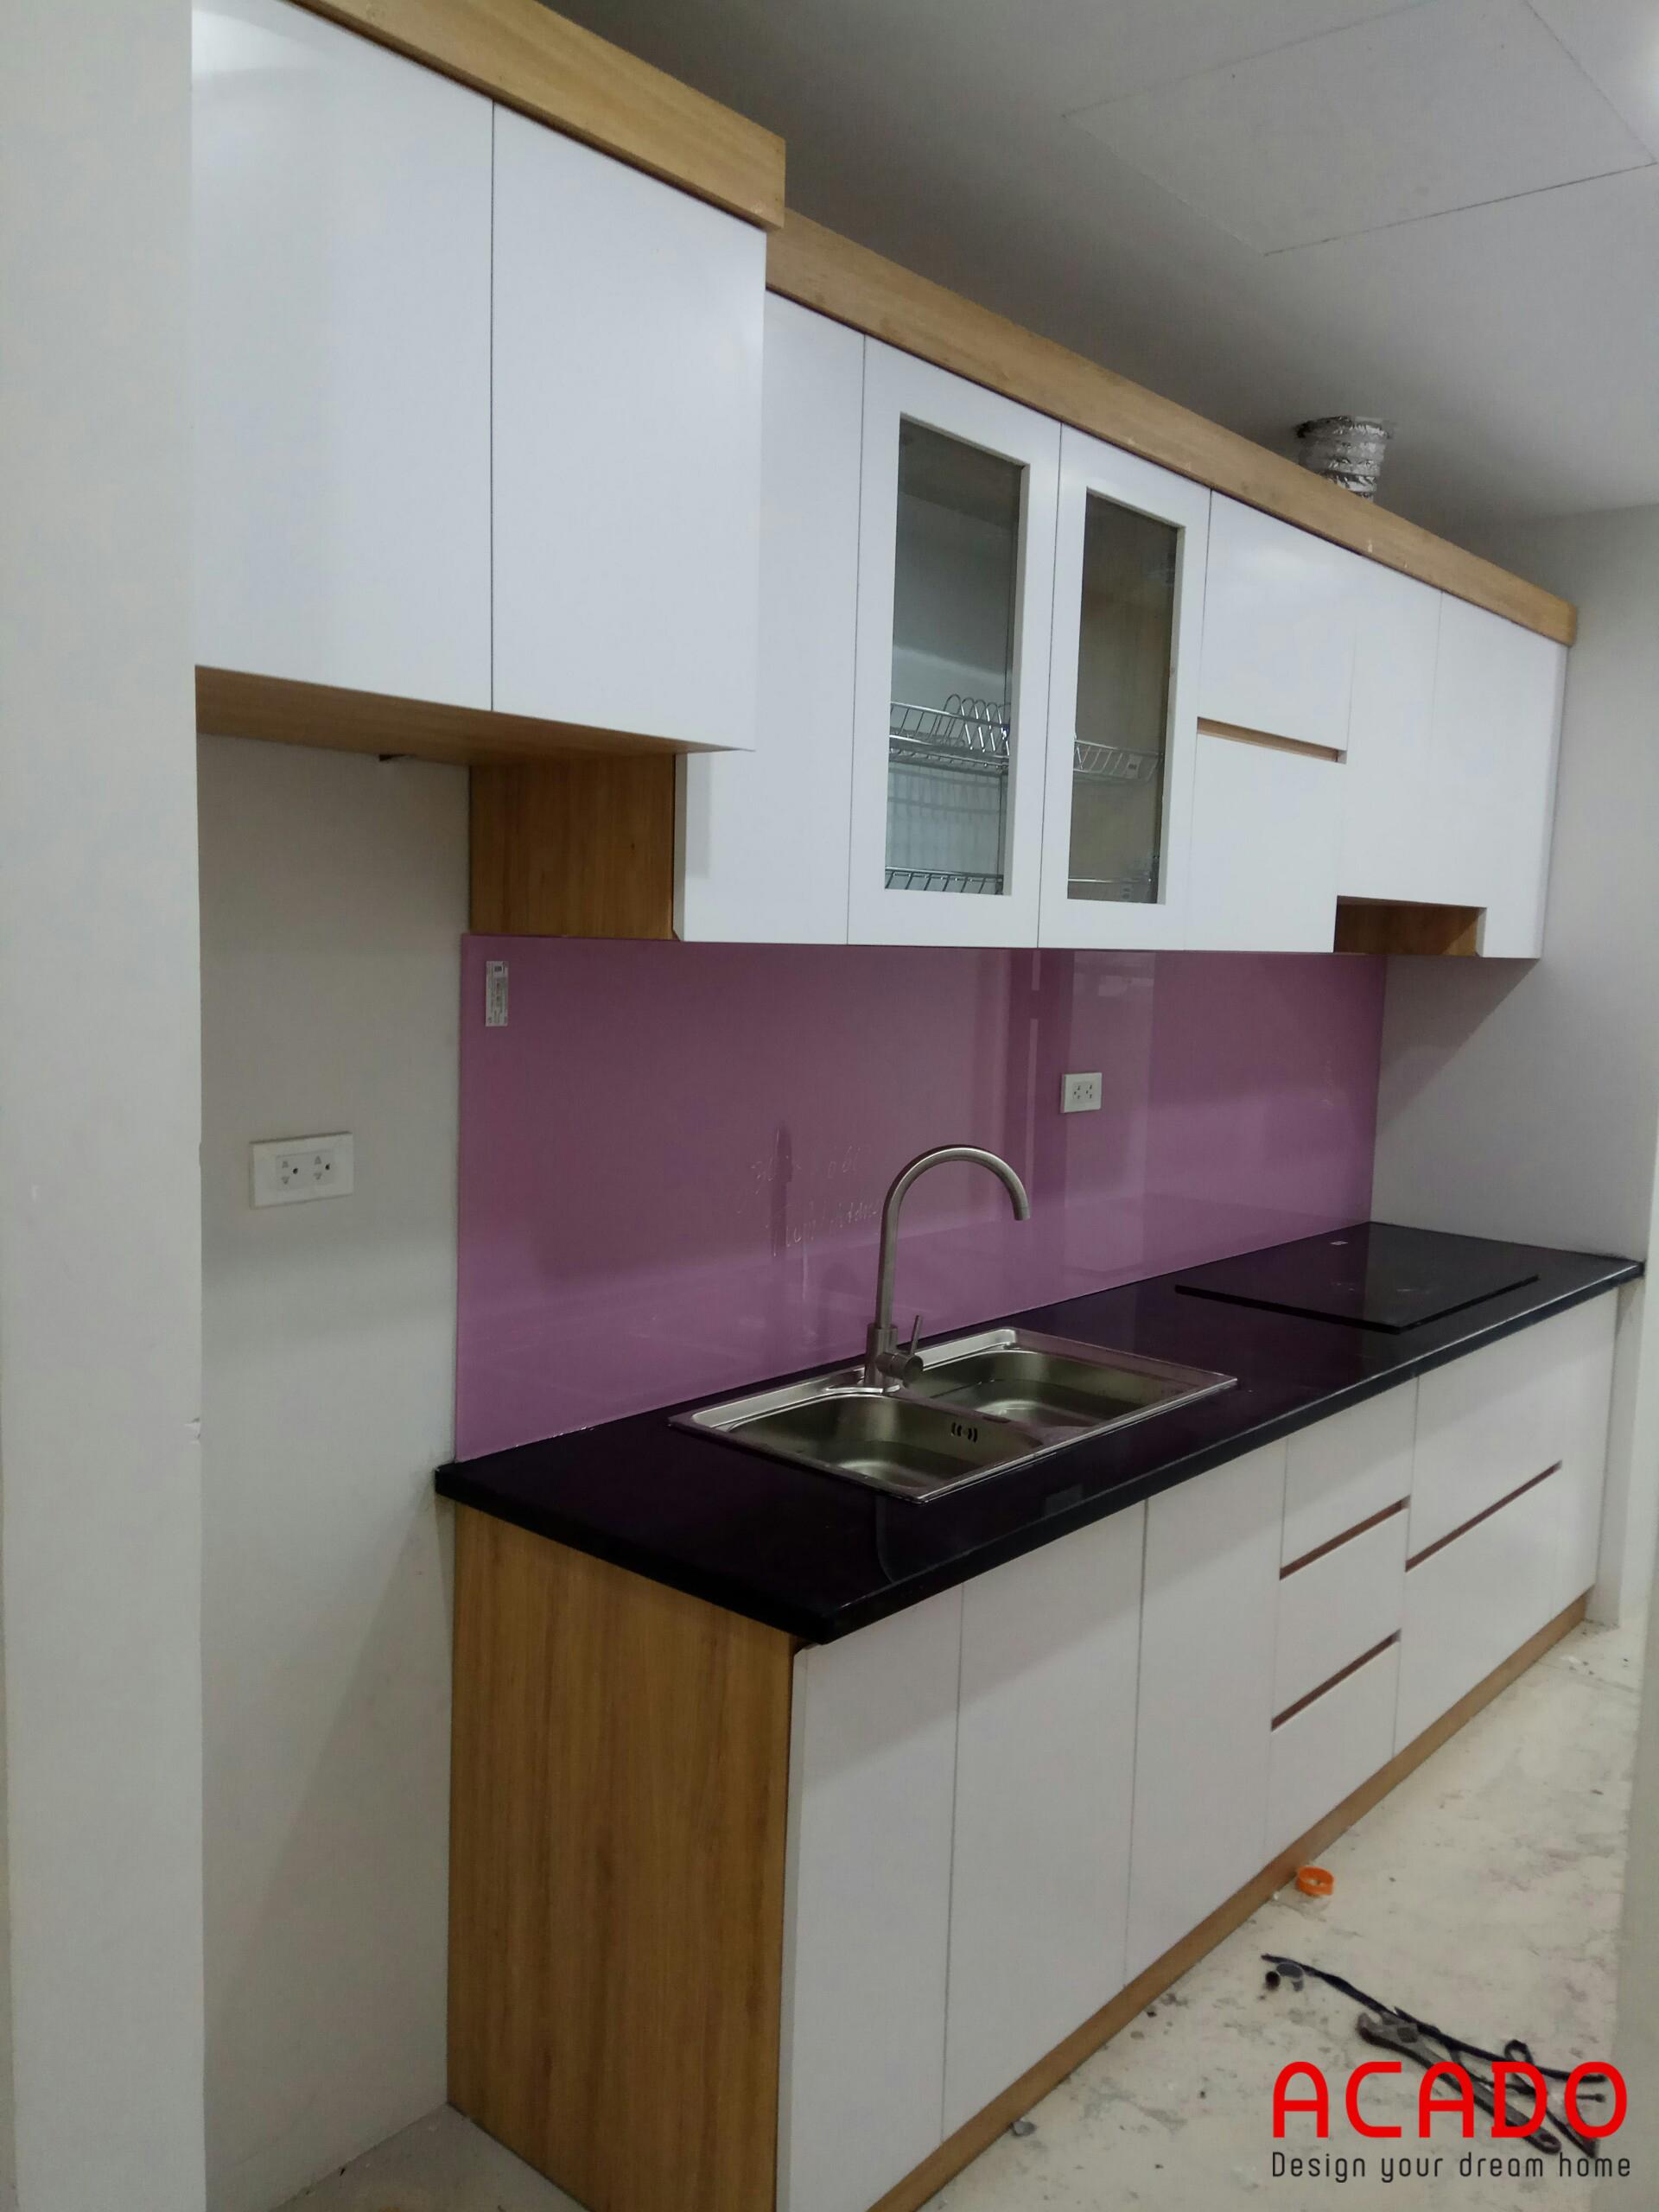 Tủ bếp Melamine hình chữ i màu trắng nhà chị Hương-Vạn Phúc khi Acado hoàn thiện xong